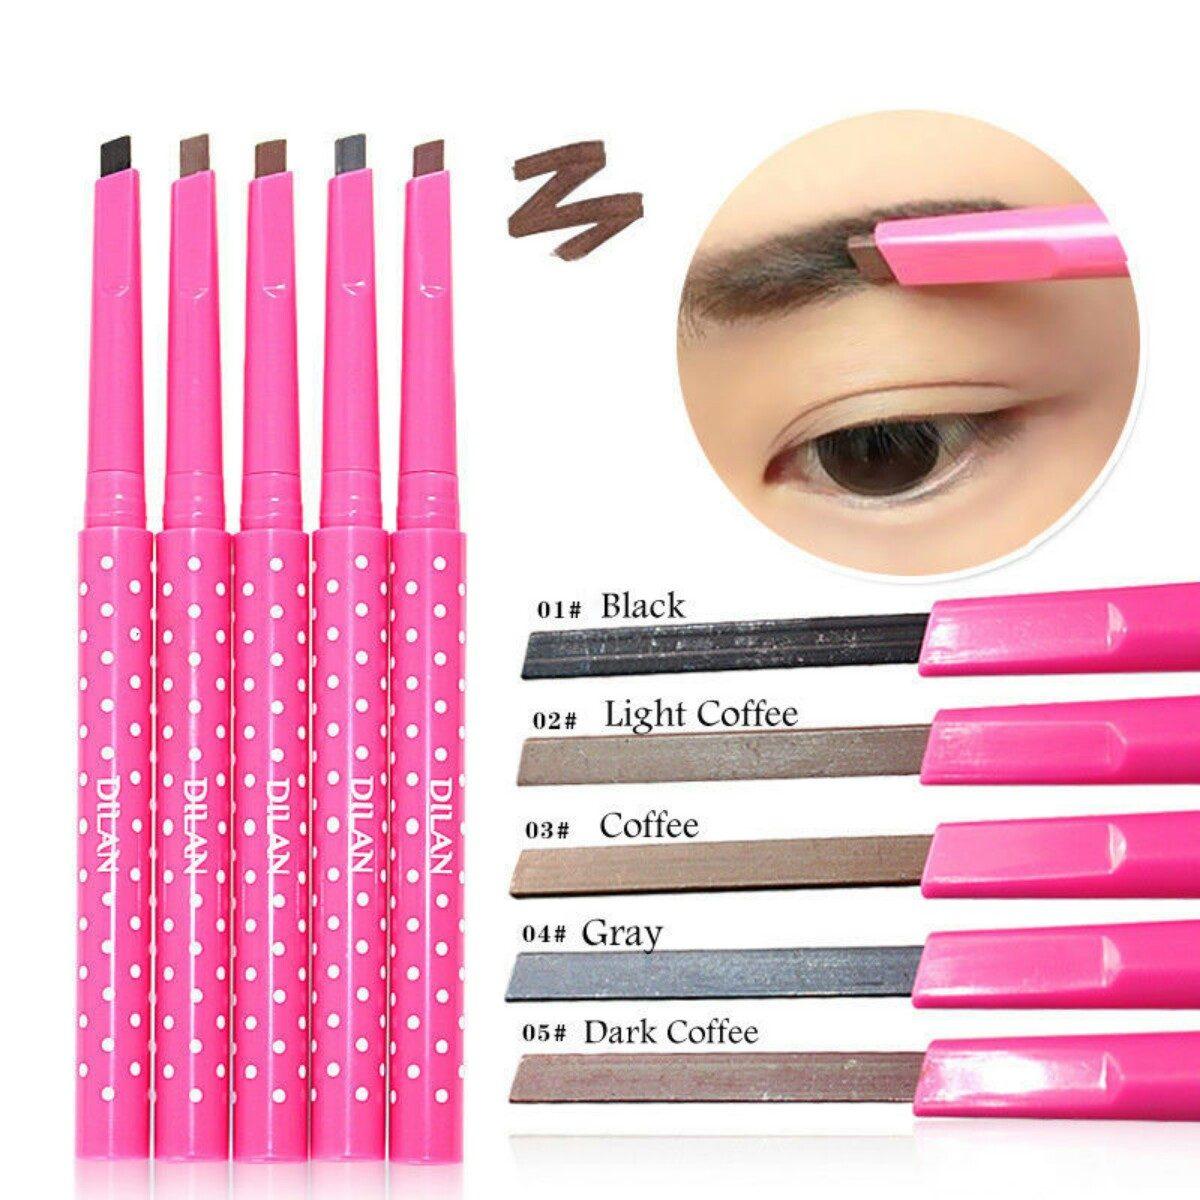 Lapiz Para Pintar Ceja Maquillaje - $ 35.40 en Mercado Libre